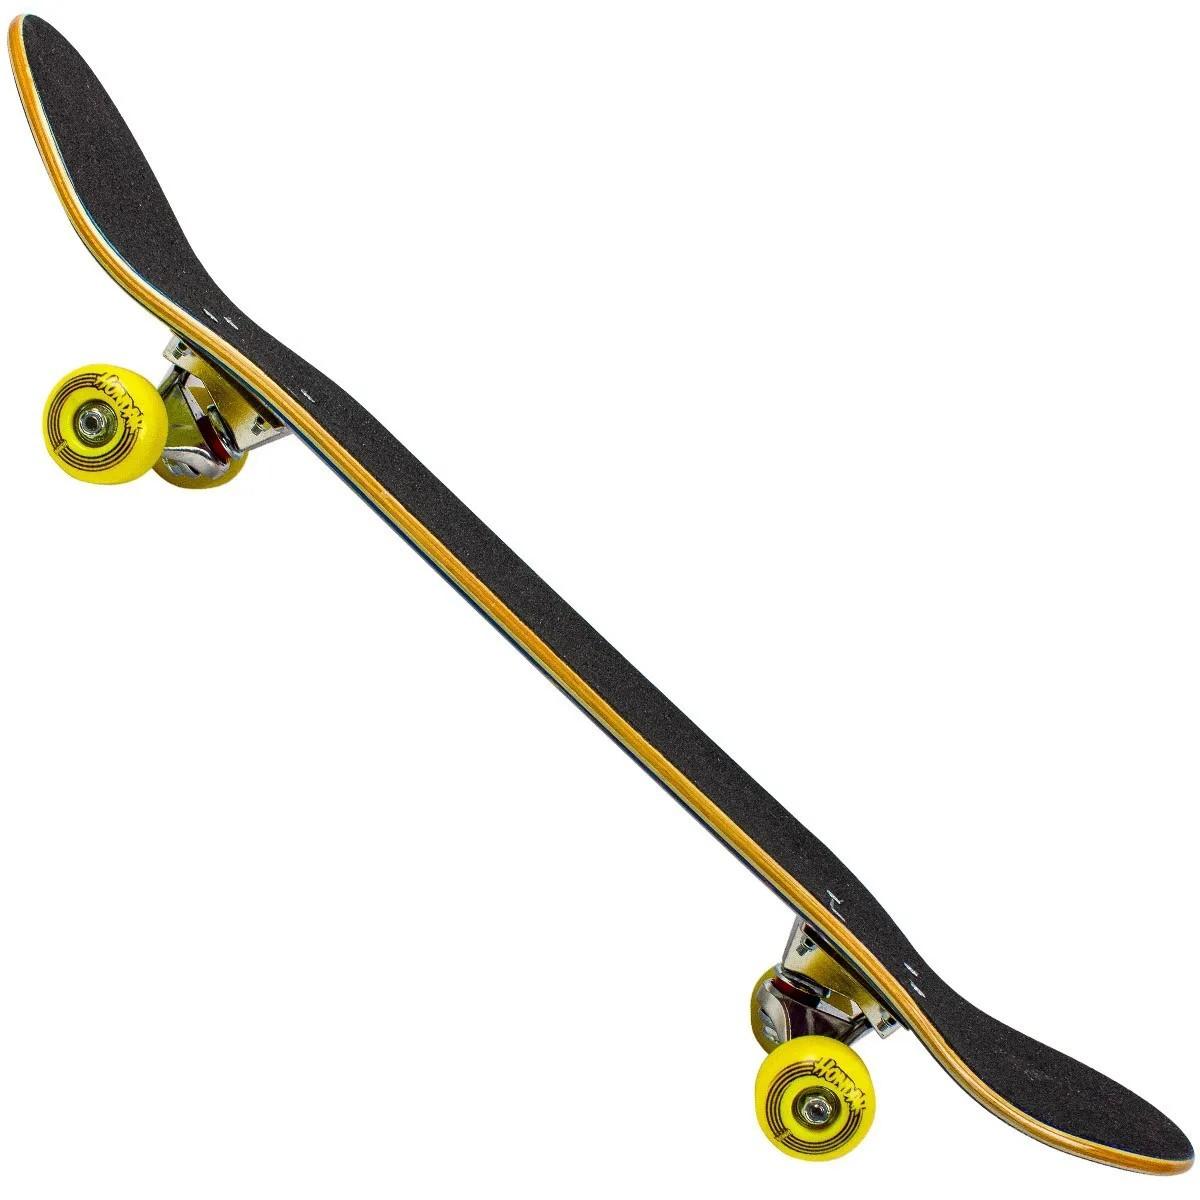 Skate Completo Montado Iniciante Hondar Importado